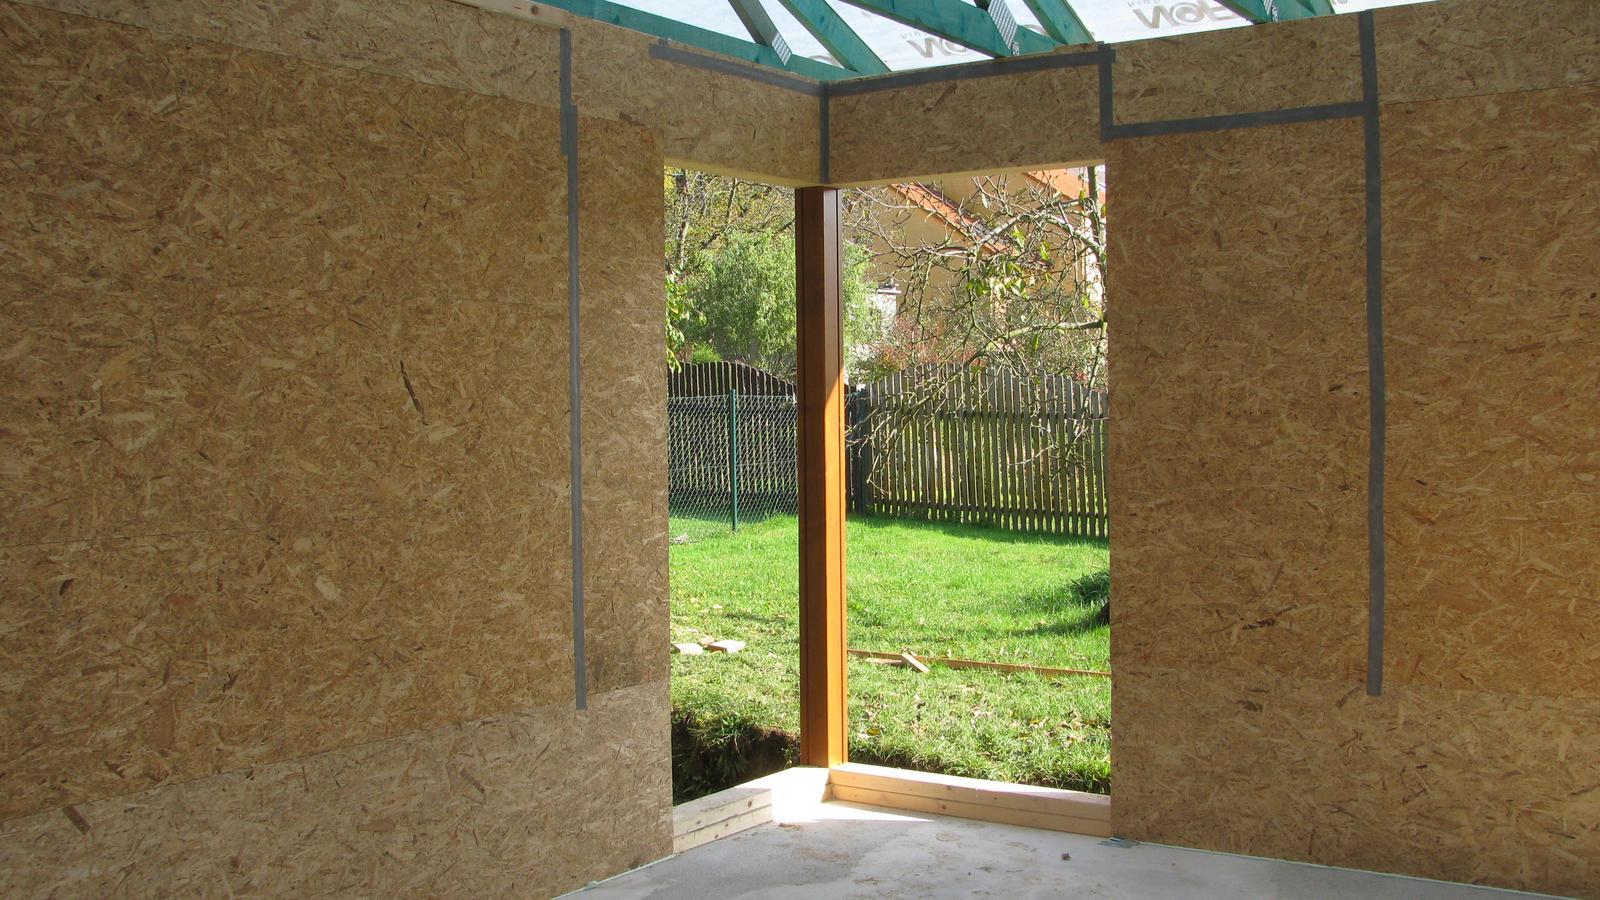 Naše DOMA 🏠 - druhé okno v obyváku